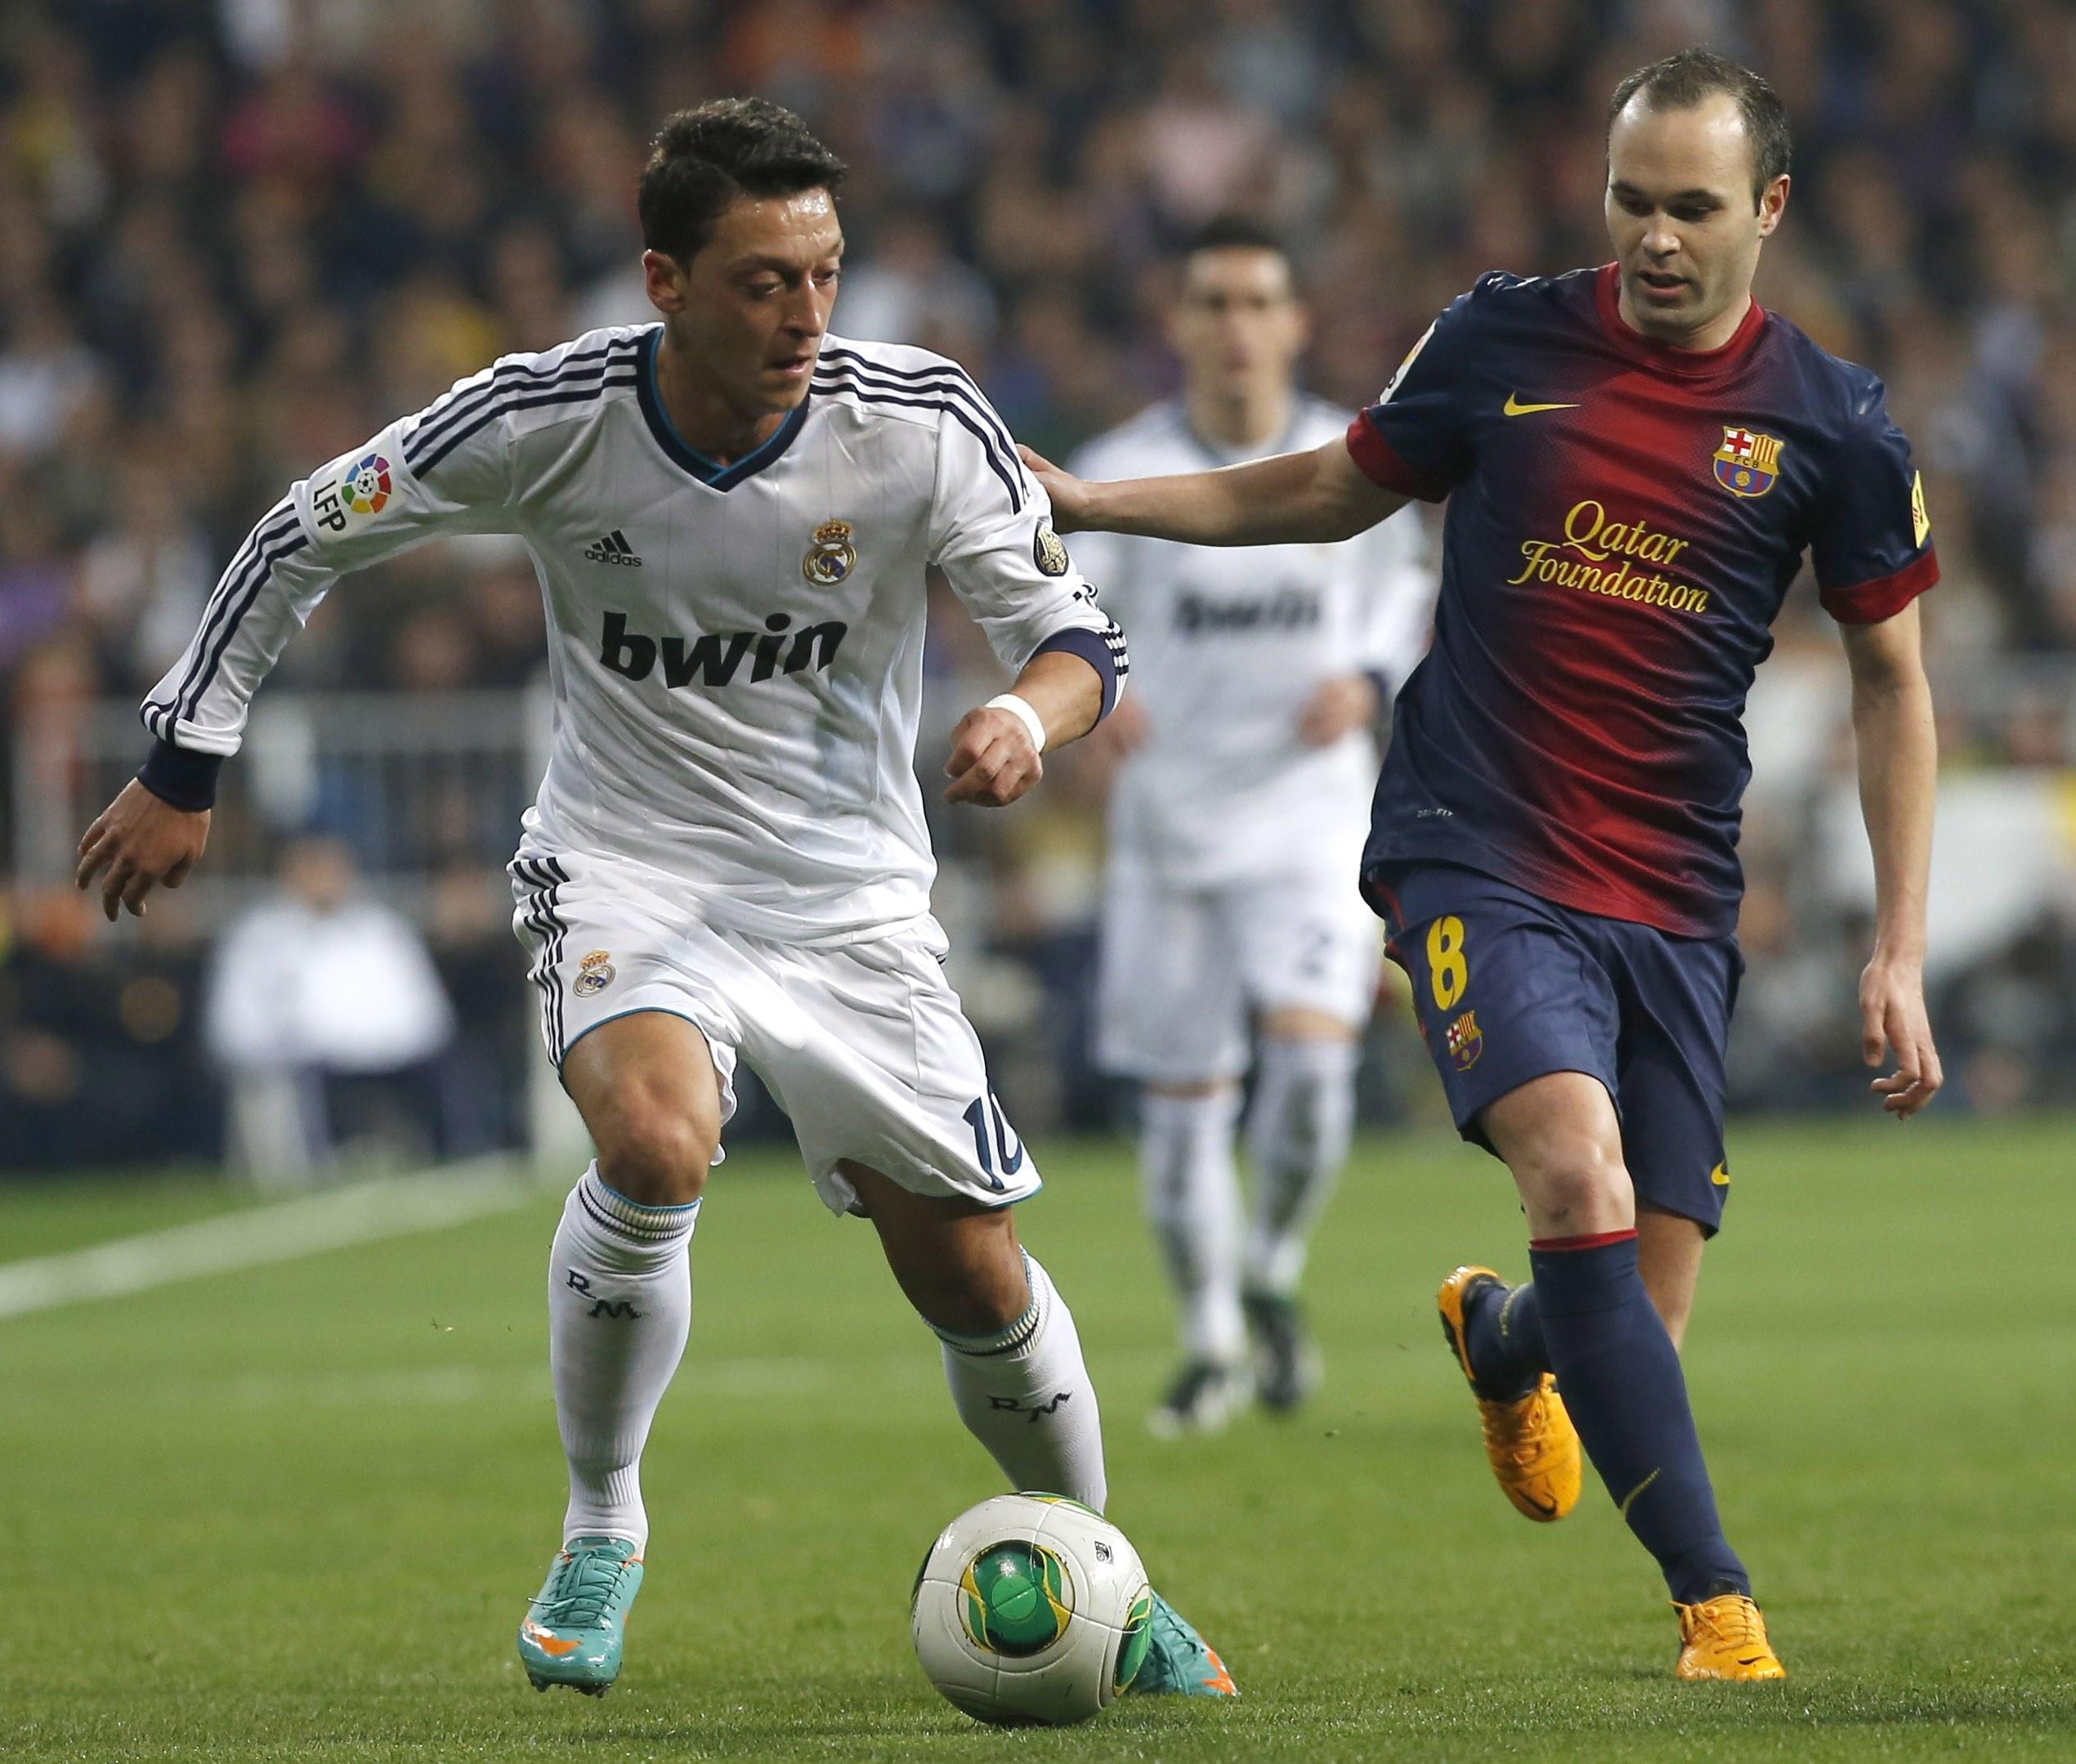 Resultado de imagen para Ozil vs barcelona